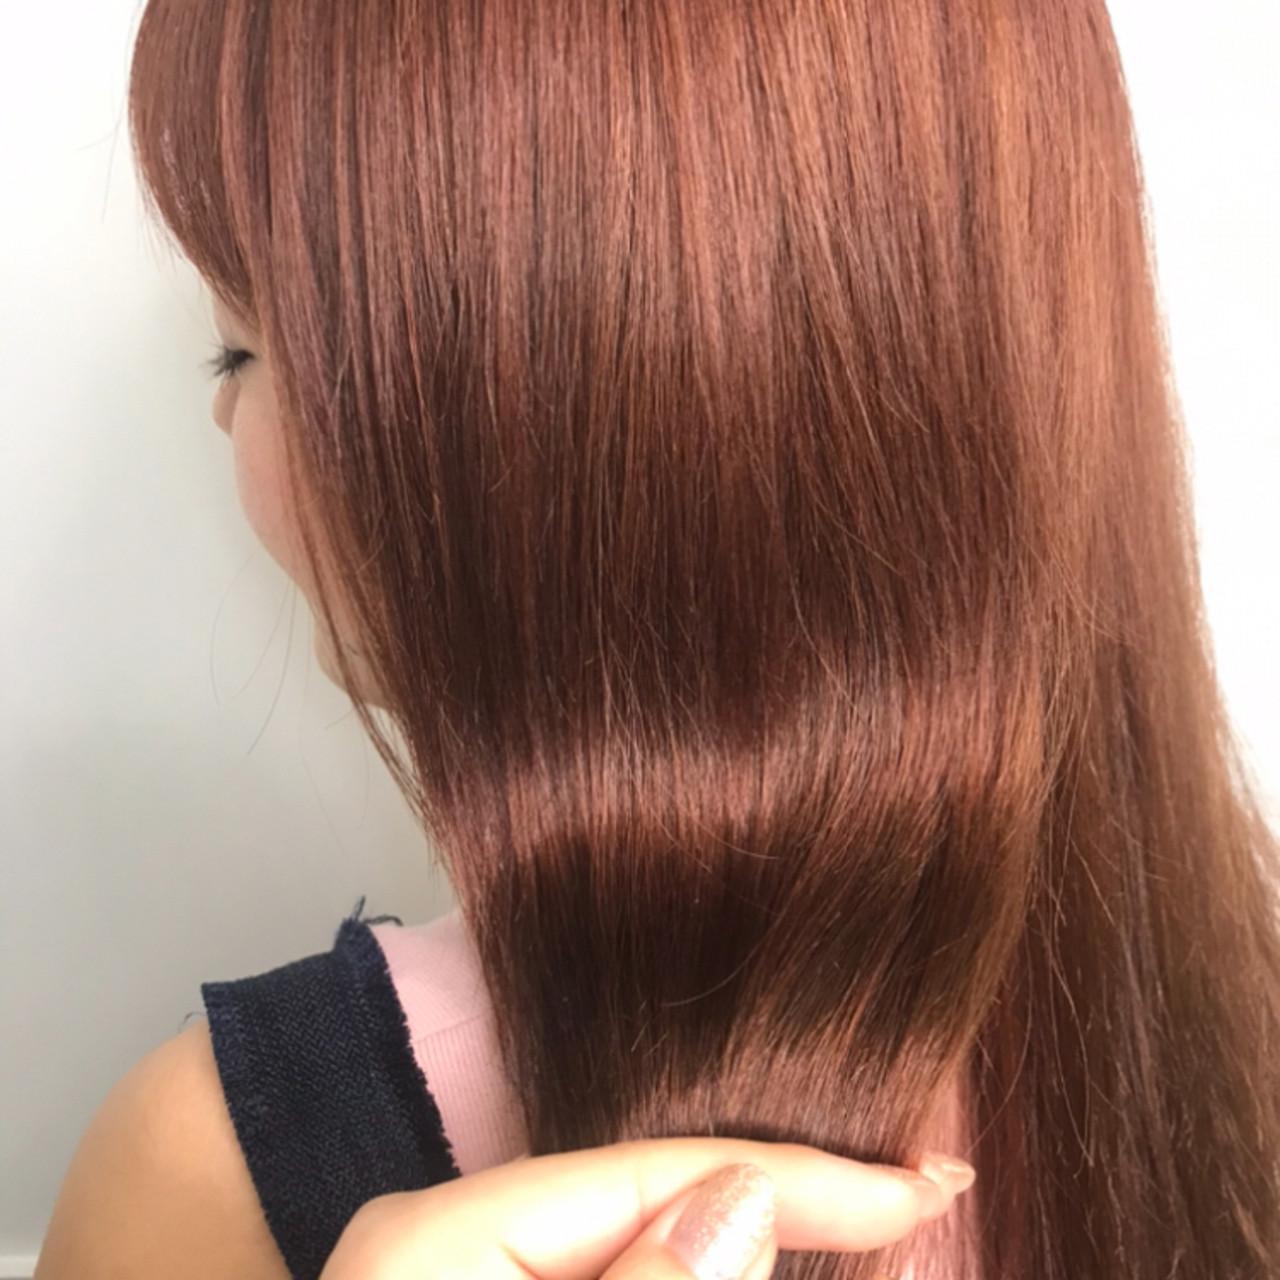 オレンジブラウン ストリート セミロング アプリコットオレンジ ヘアスタイルや髪型の写真・画像